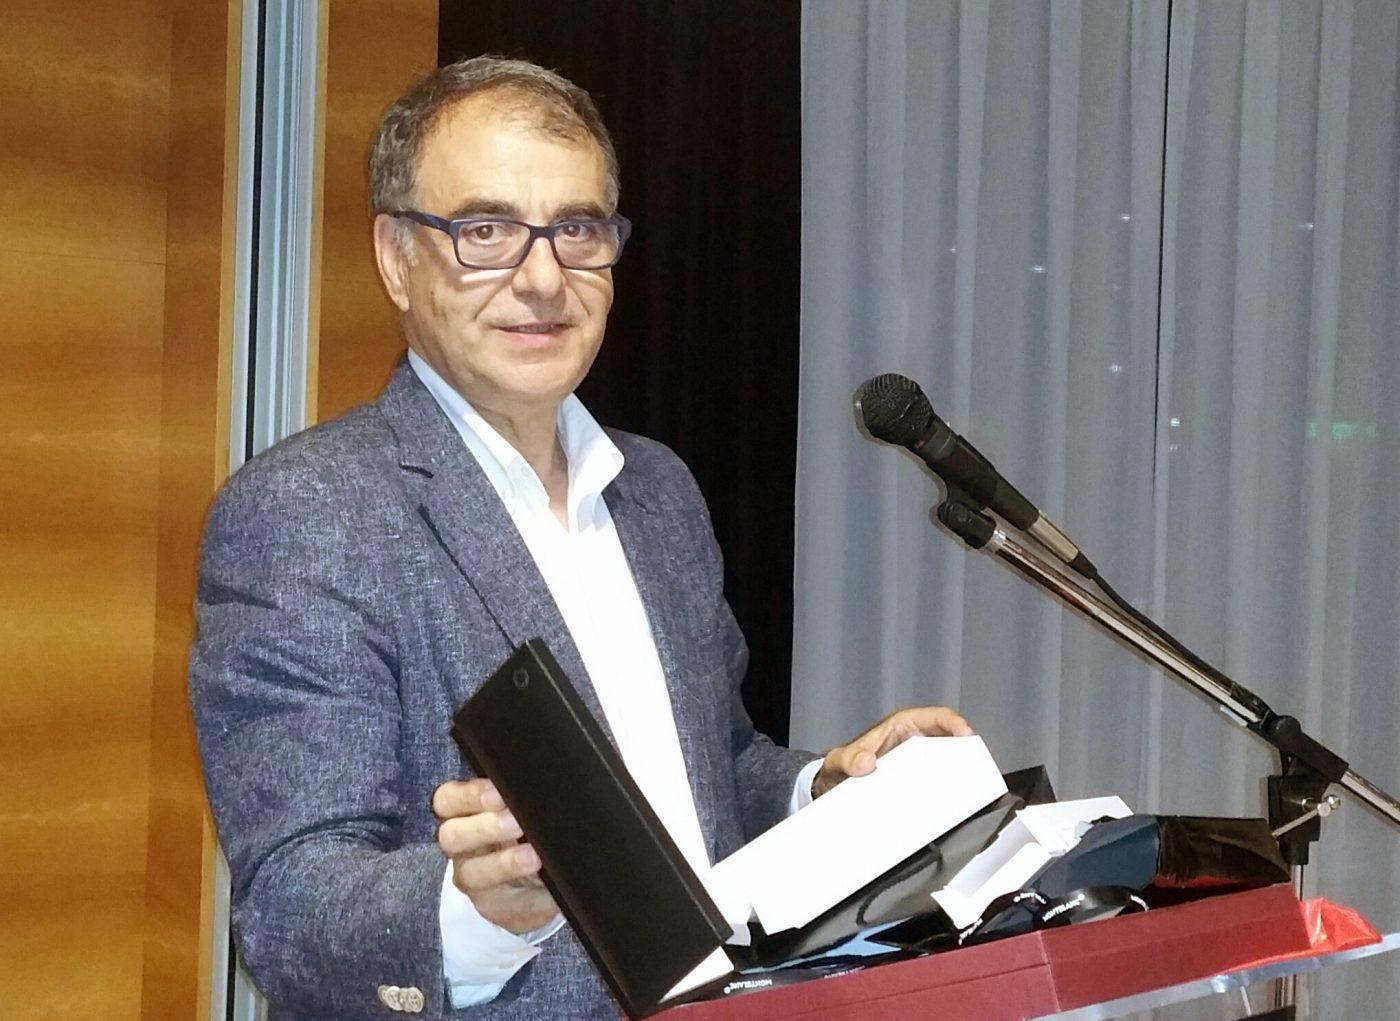 Alfredo Sandoval, Director General de Industrias Químicas IVM, se jubila